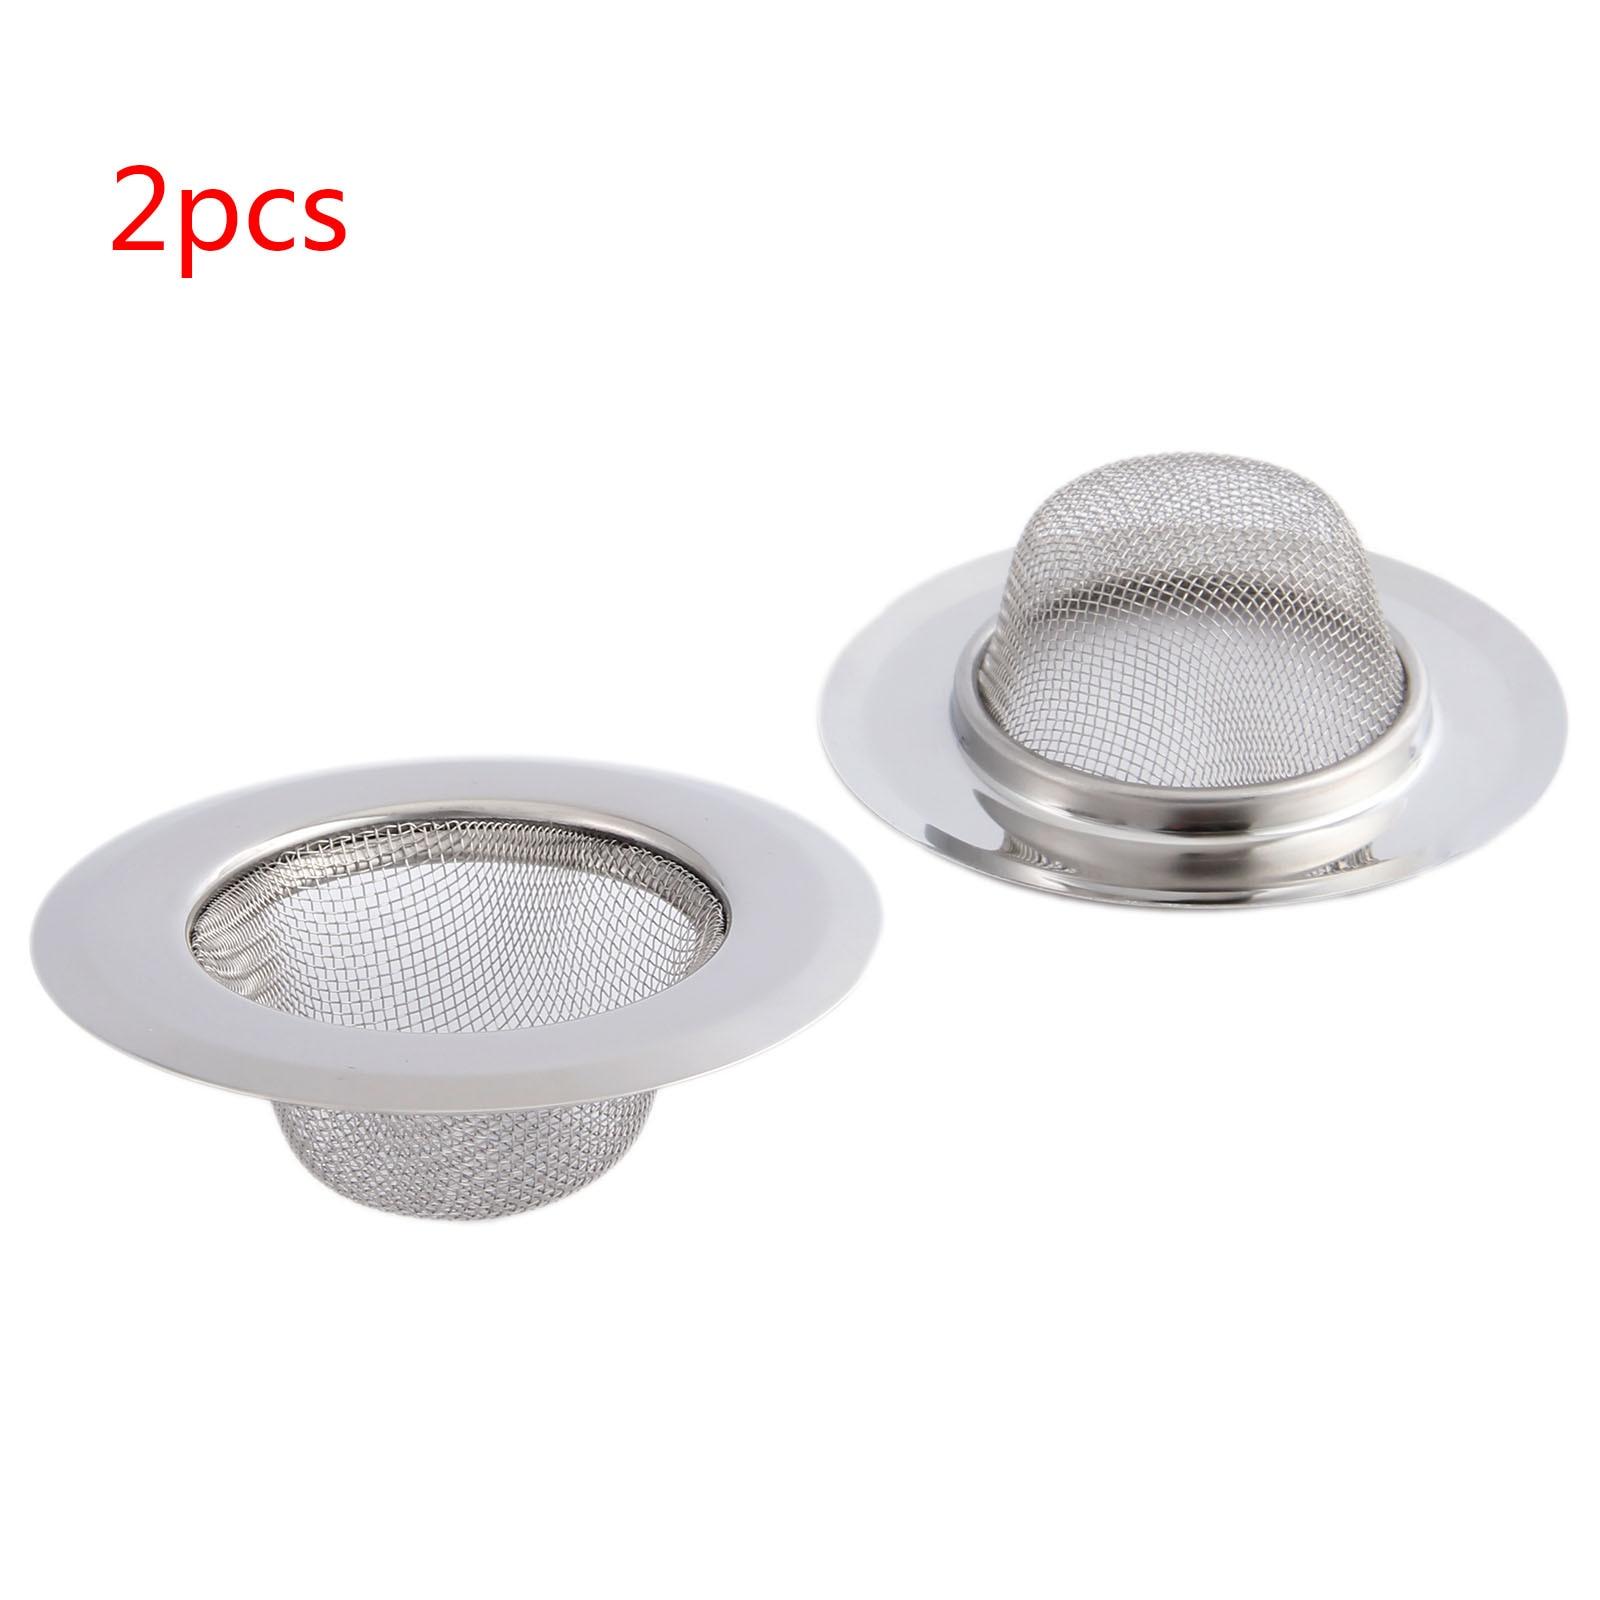 2Pcs Kitchen Sink Strainer 9CM Stainless Steel Bathtub Hair Catcher Stopper Bathroom Shower Drain Hole Filter Sink Strainer